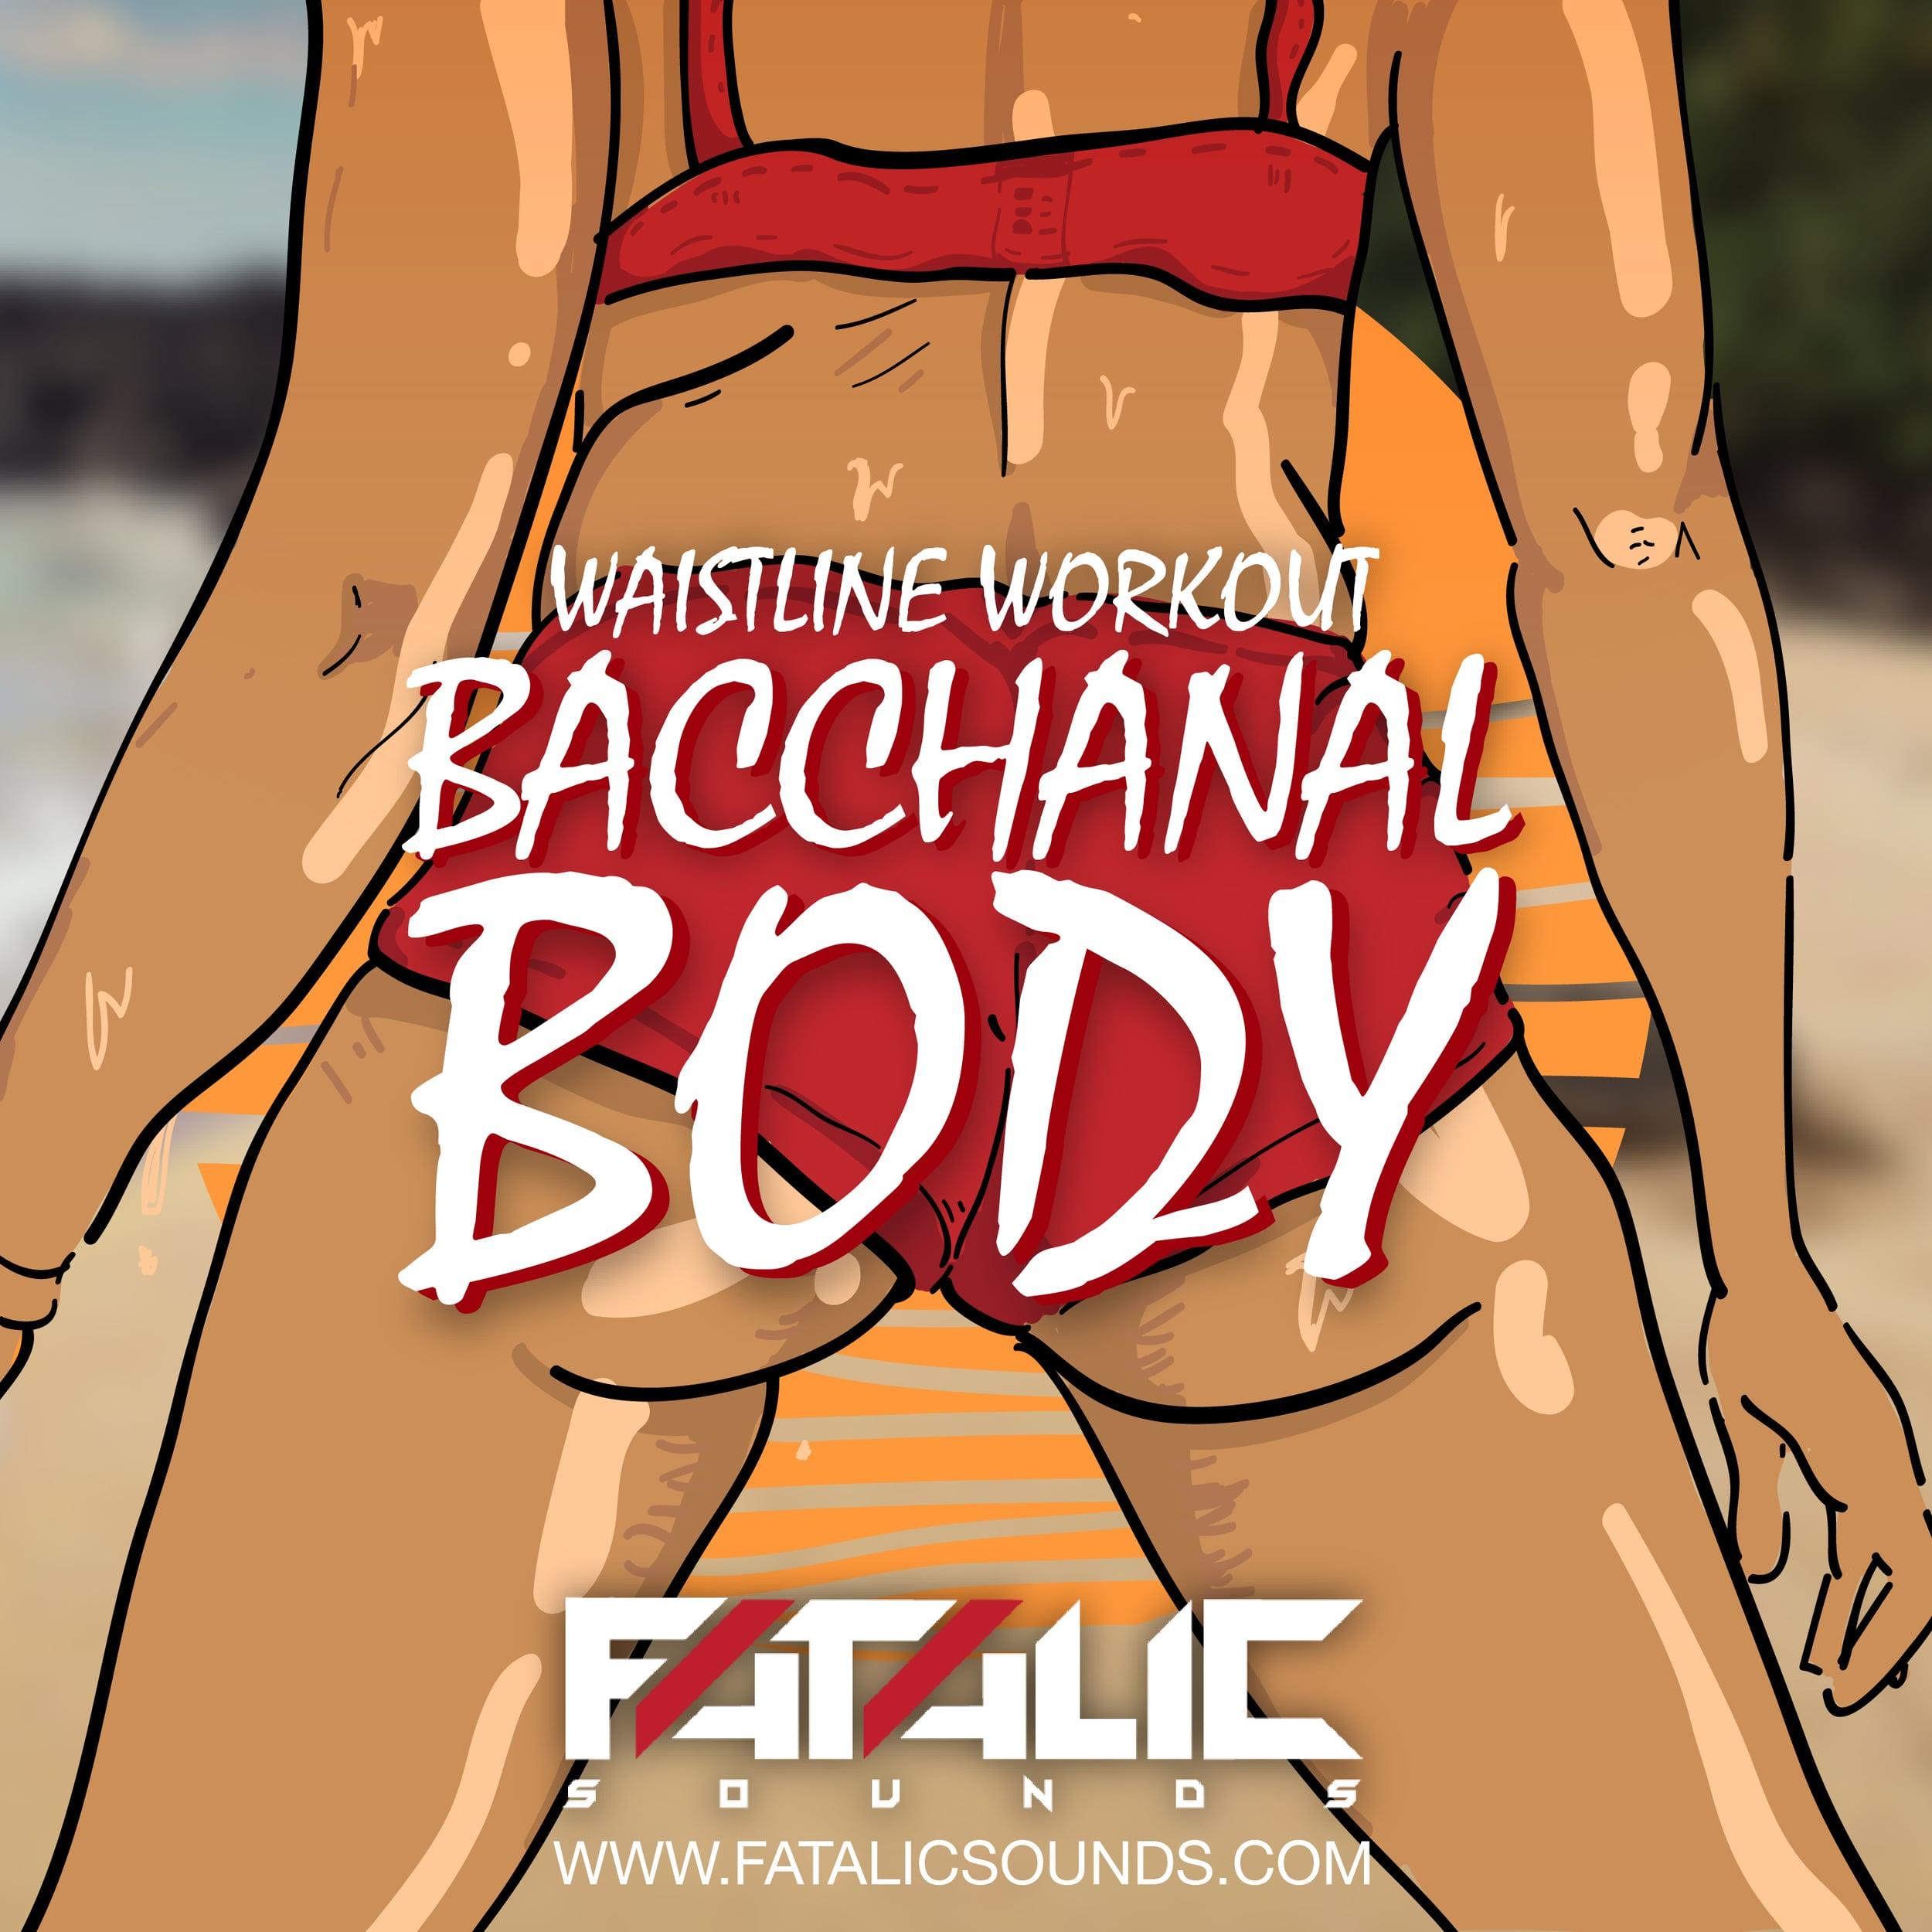 BacchanalBodyCover-01.jpg